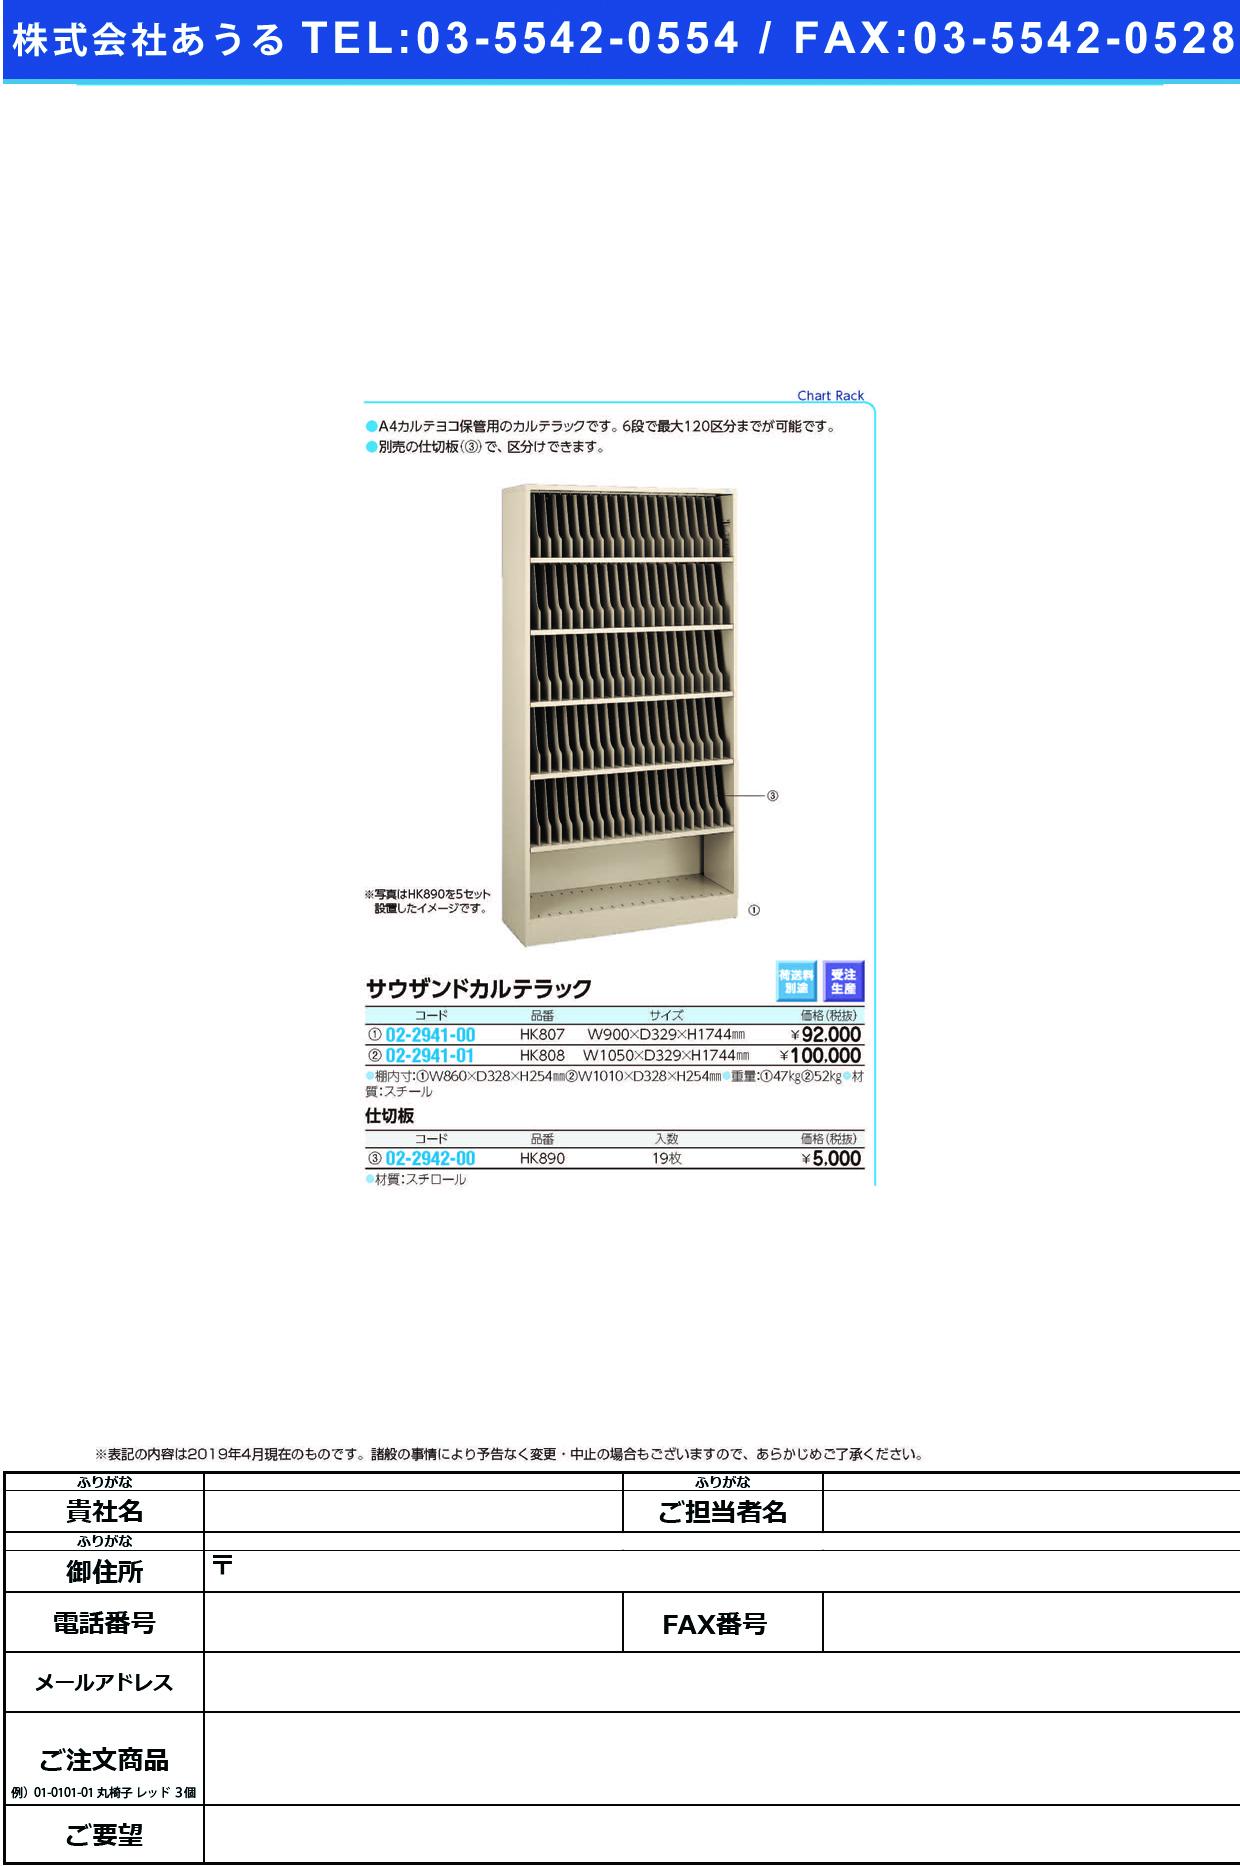 (02-2941-00)サウザンドラック HK807 サウザンドラック(LIHITLAB.)【1台単位】【2019年カタログ商品】